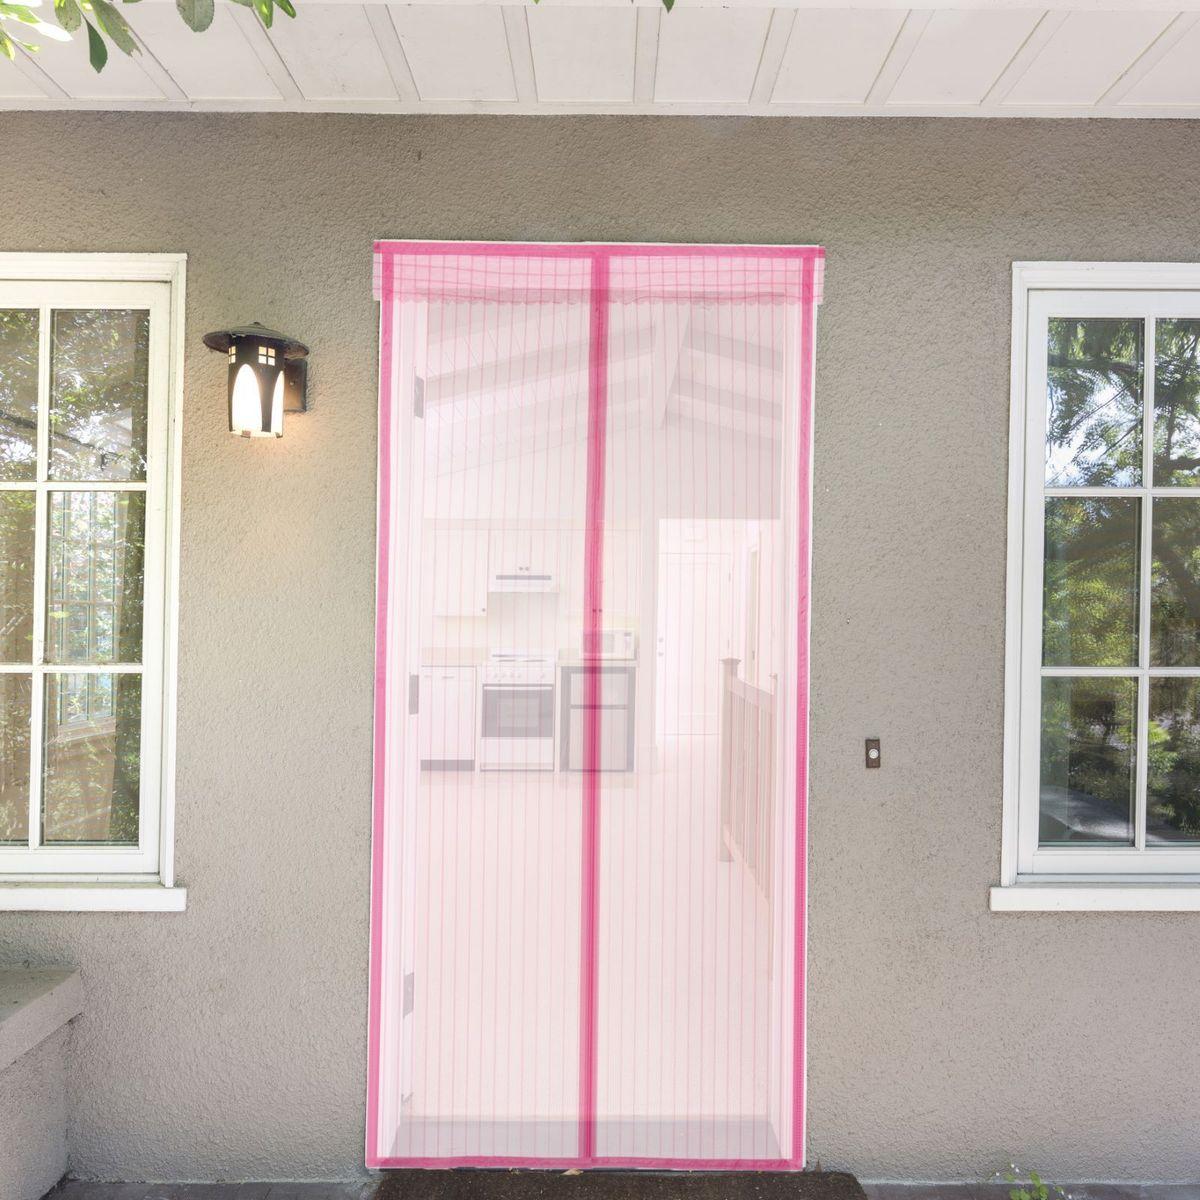 Сетка антимоскитная Полоска, на магнитной ленте, цвет: розовый, 80 х 210 см637926Занавес от насекомых на магнитной ленте универсален в использовании: подвесьте его при входе в садовый дом или балкон, чтобы предотвратить попадание комаров внутрь жилища. Наслаждайтесь свежим воздухом без компании надоедливых насекомых! Чтобы зафиксировать занавес в дверном проеме, достаточно закрепить занавеску по периметру двери с помощью кнопок, идущих в комплекте. Принцип действия занавеса предельно прост: каждый раз, когда вы будете проходить сквозь шторы, они автоматически «захлопнутся» за вами благодаря магнитам, расположенным по всей его длине.